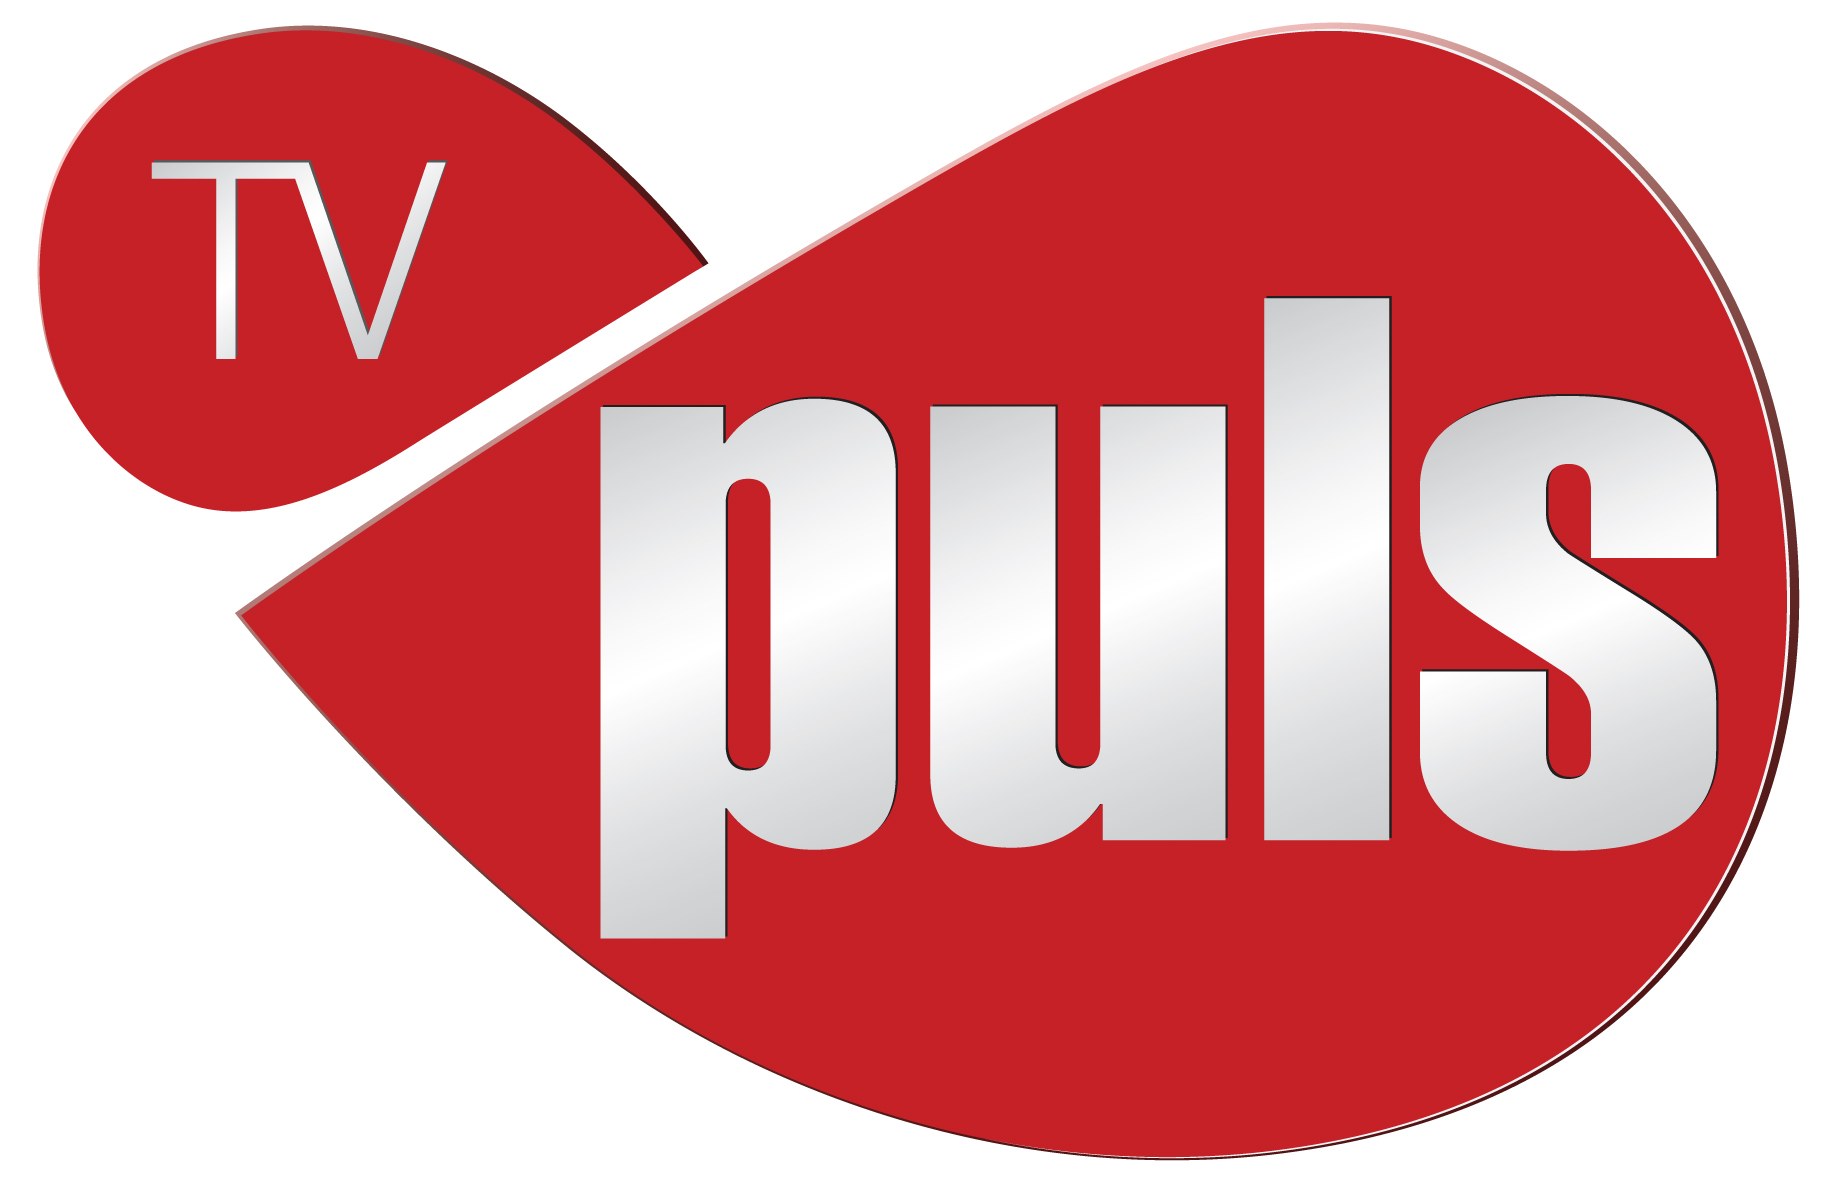 Tv Puls Jesieni Z Nowym Logo I Opraw Wideo Tv Puls